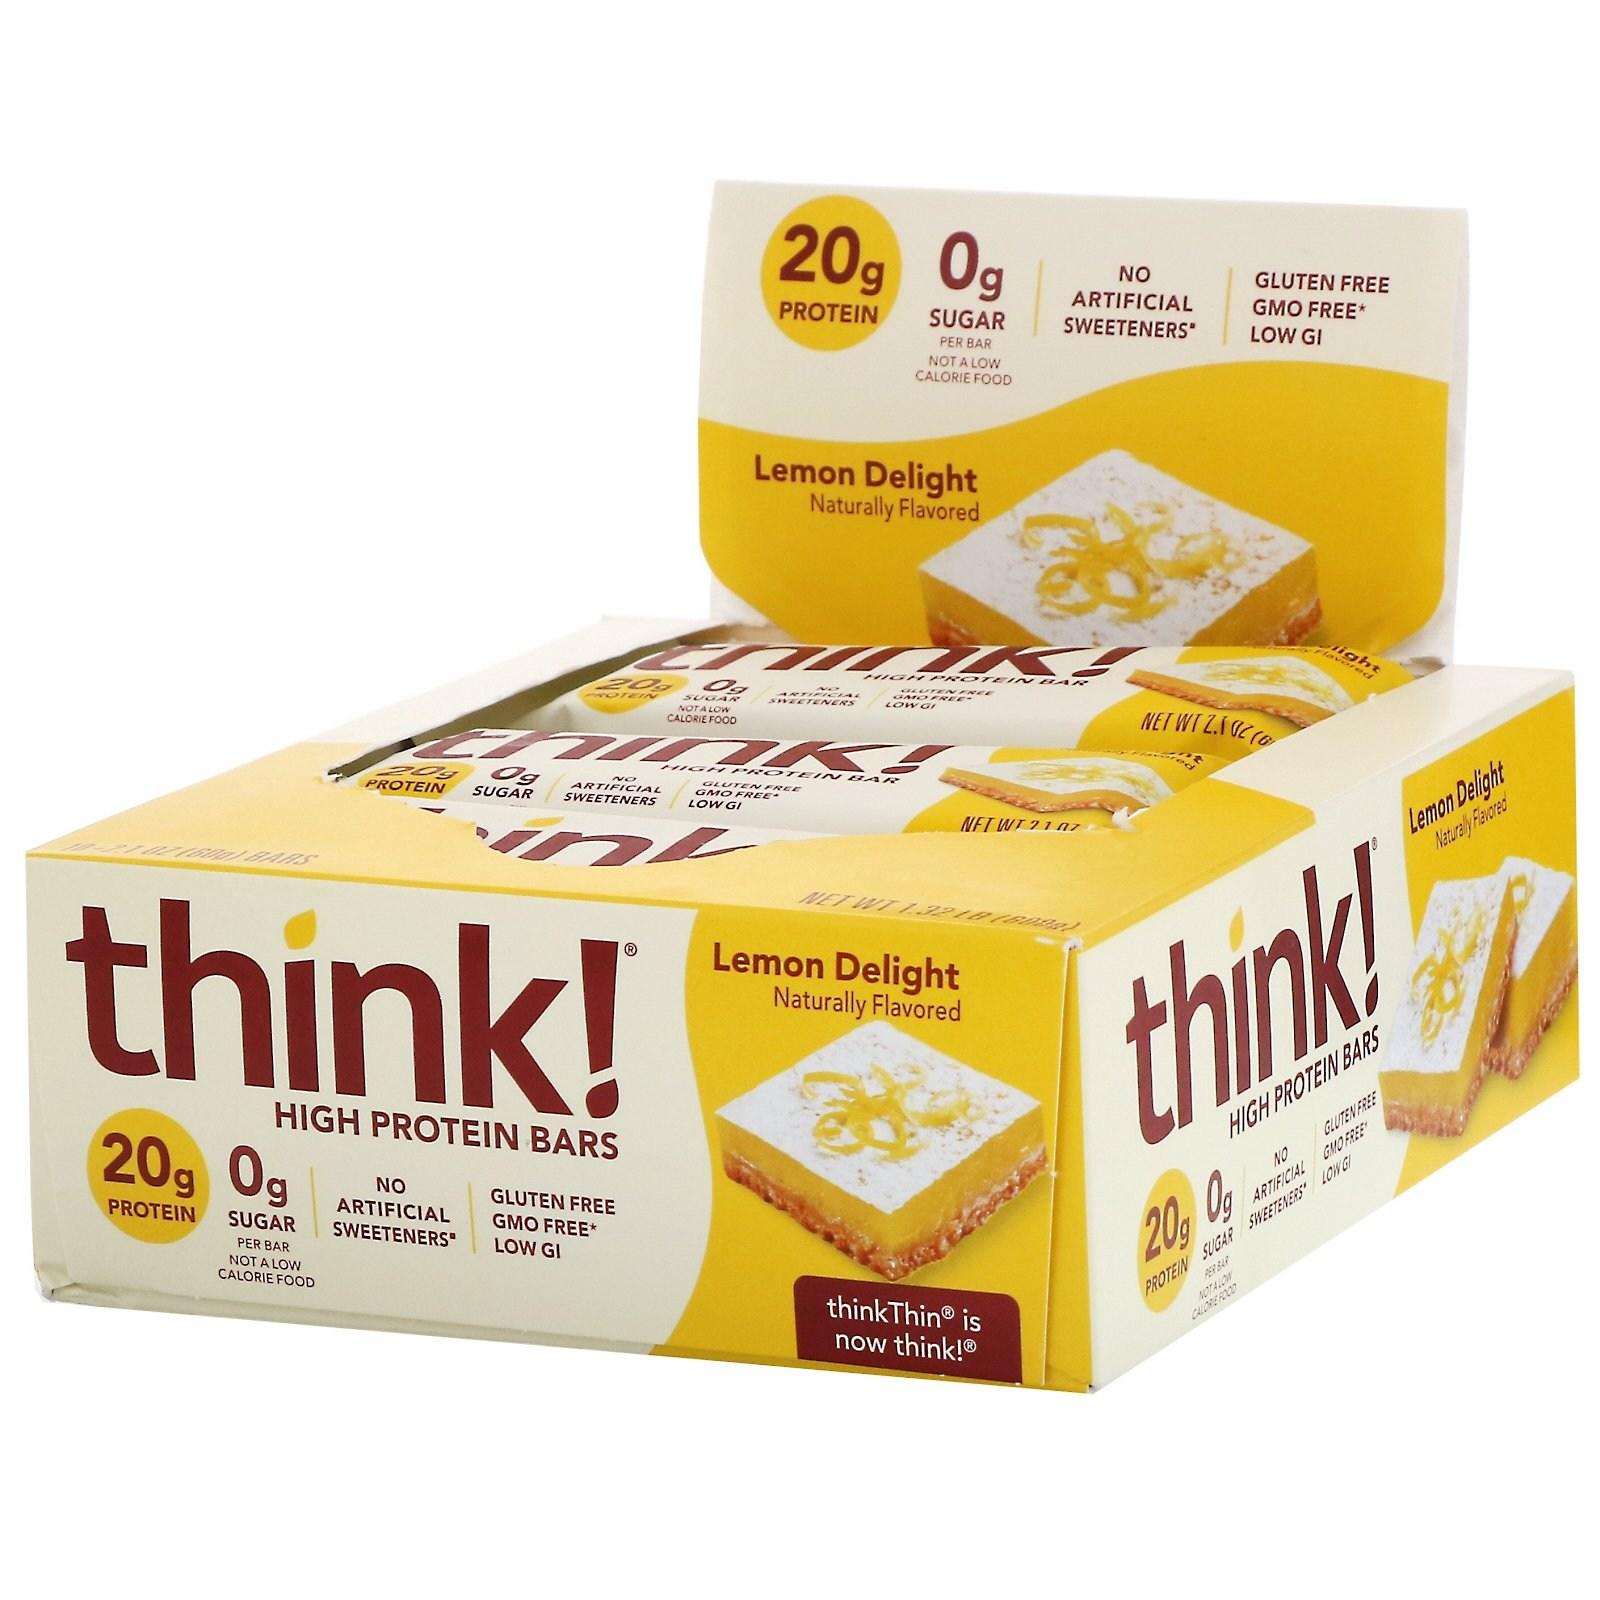 씽크씬 고단백질 바 레몬 딜라이트 10개 각 60g 프로틴바, 1개, -